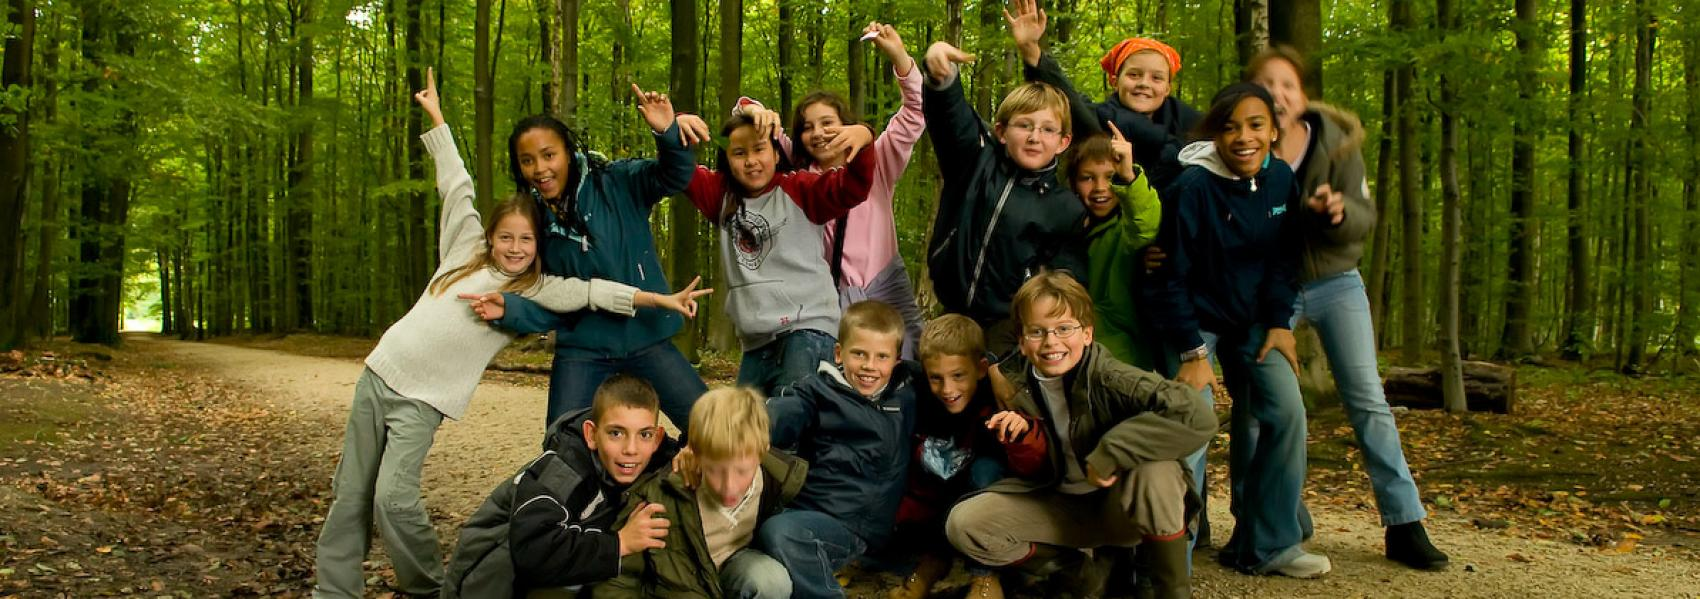 kinderen in het bos